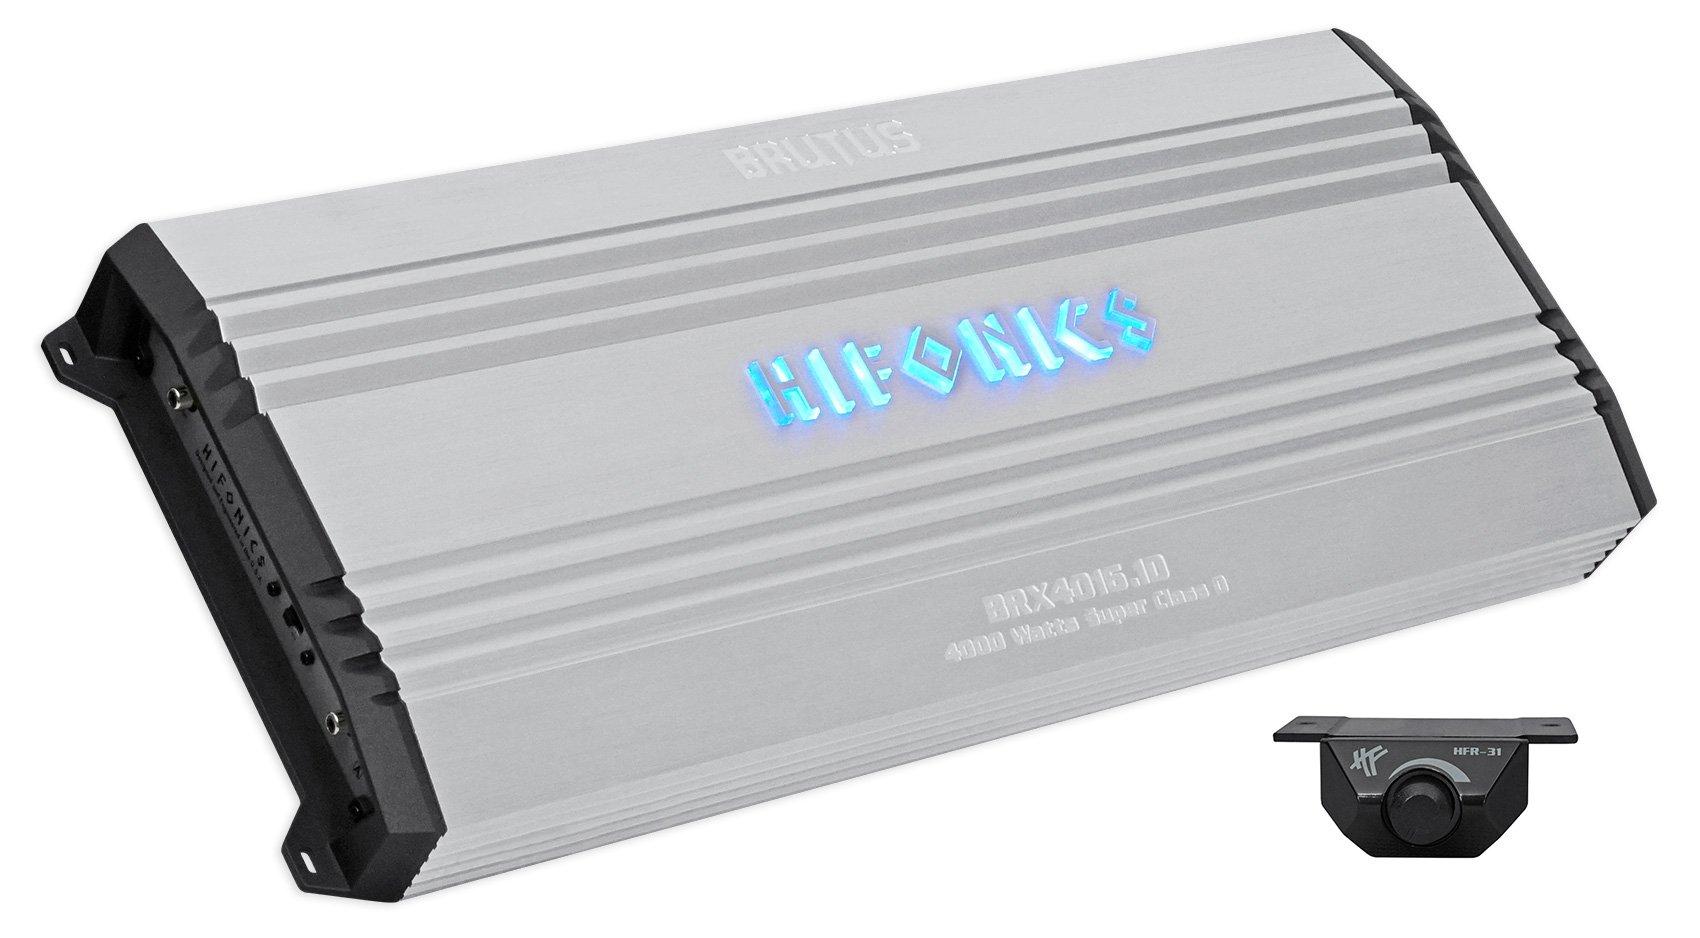 Hifonics BRX4016.1D Brutus 4000 Watt Mono Amplifier Car Audio Class-D Amp